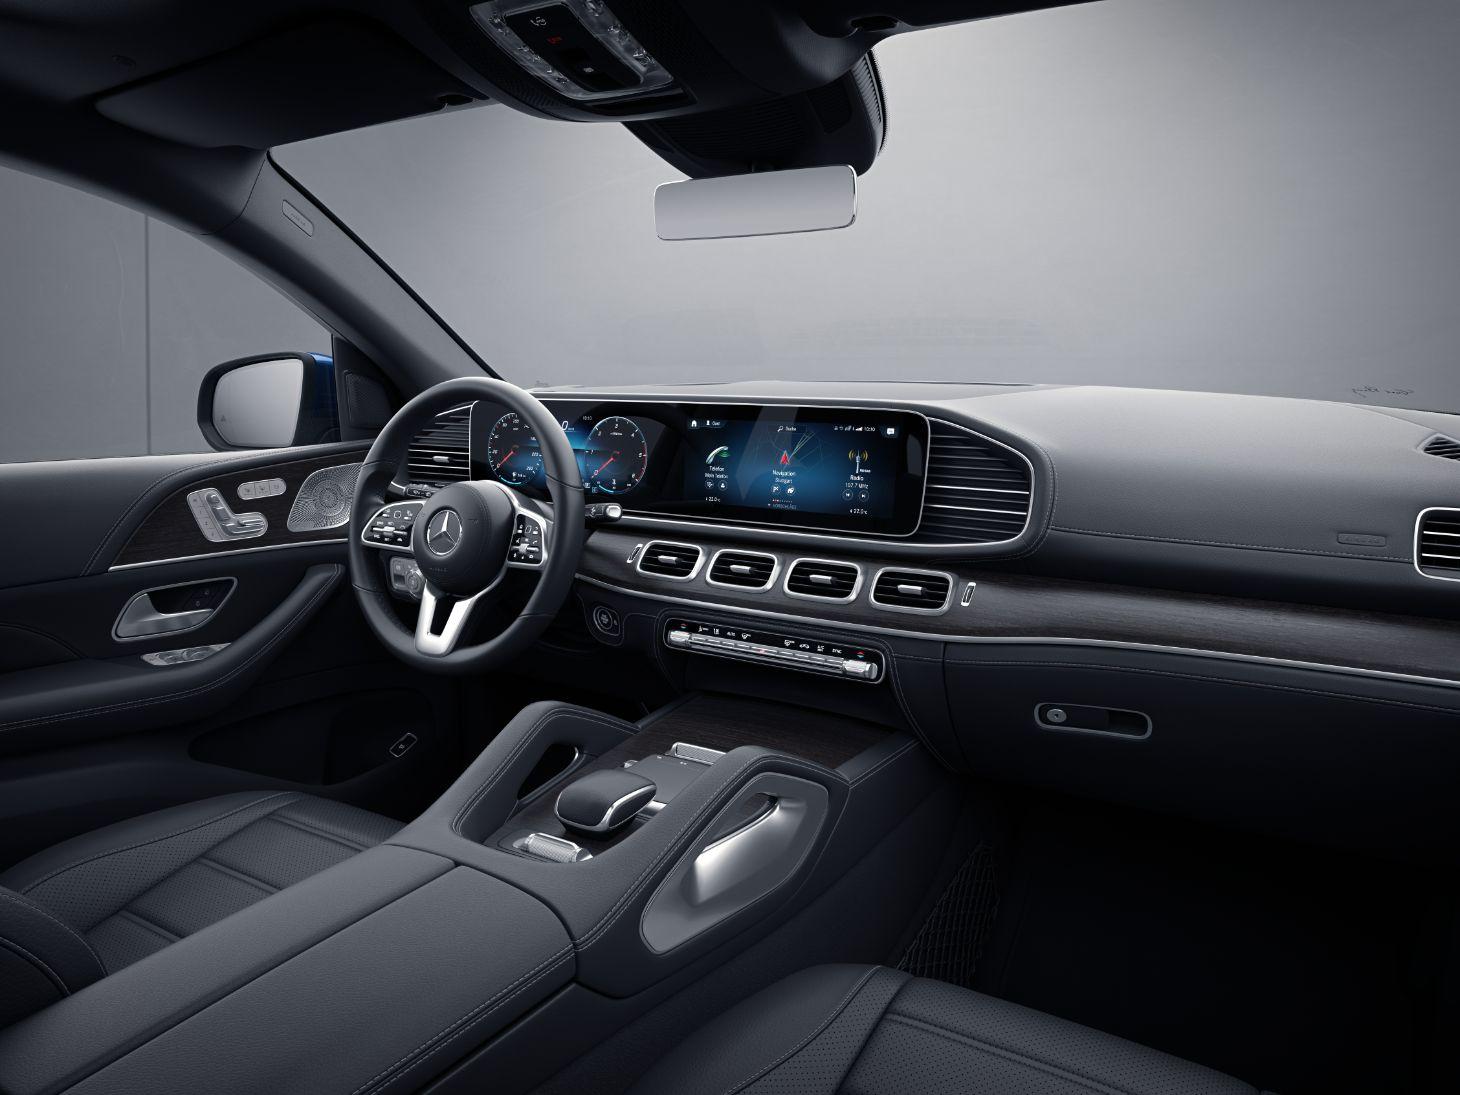 Mercedes Gle Coupe Esta Disponivel Para Pre Venda